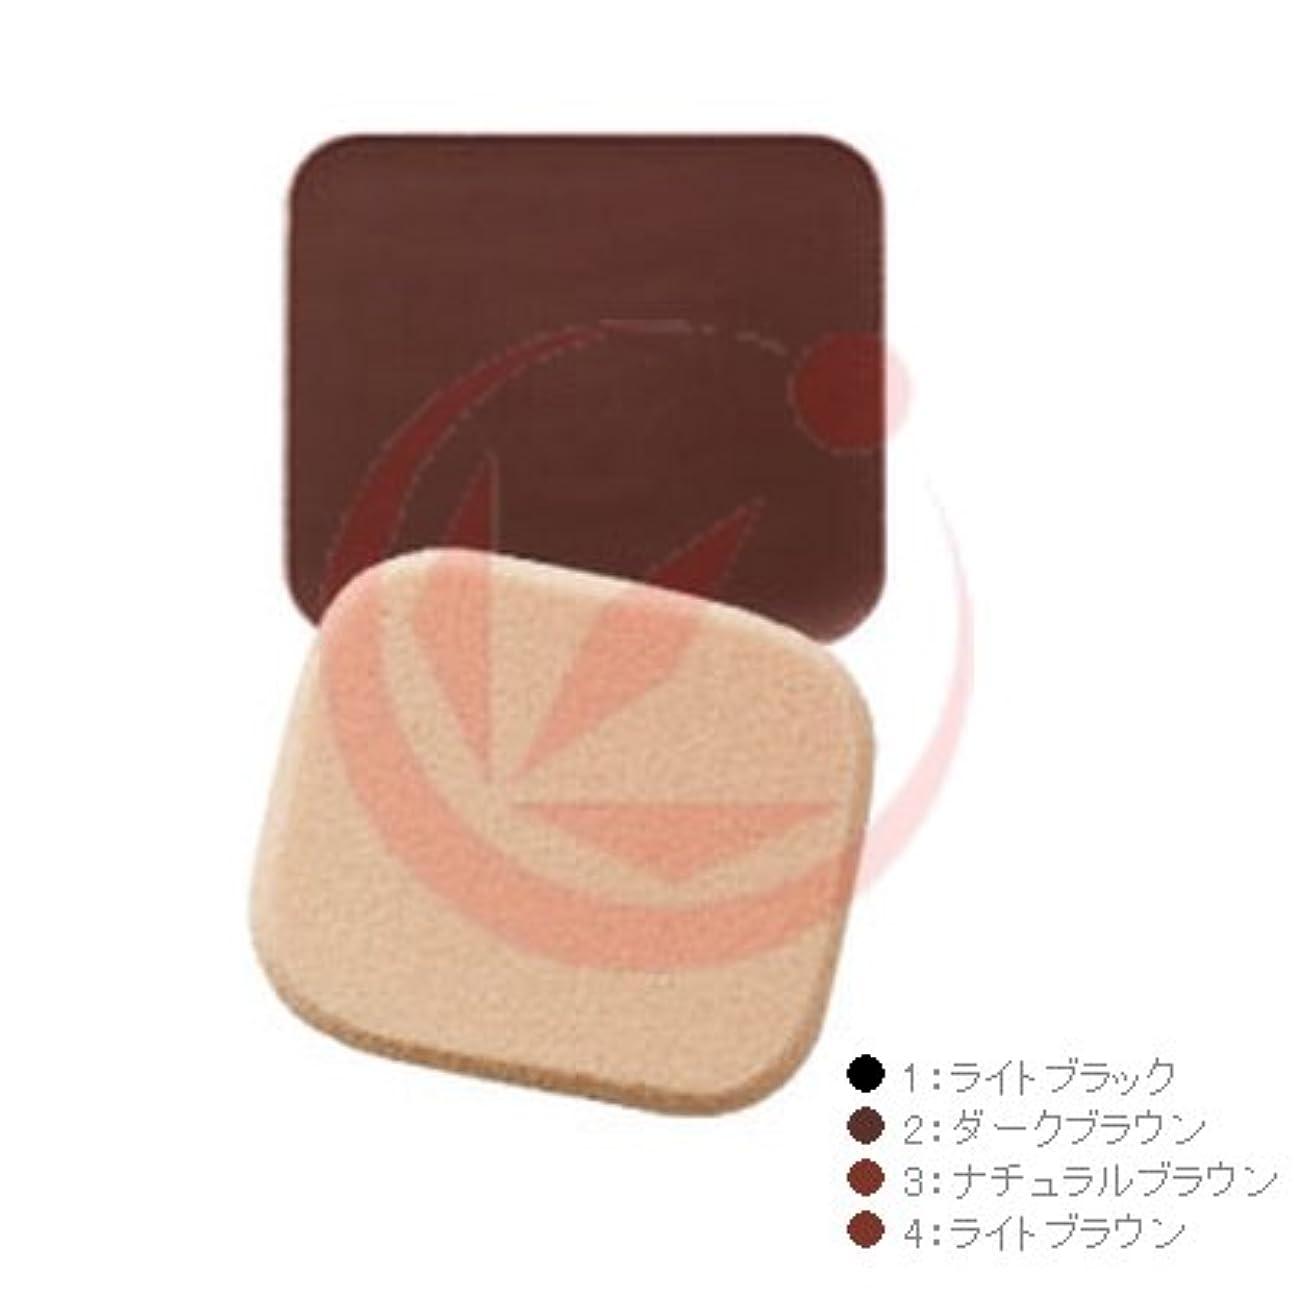 納税者伝統的部分的にイリヤ 彩(いろどり) ヘアファンデーション 13g 詰替用 パフ付 ダークブラウン